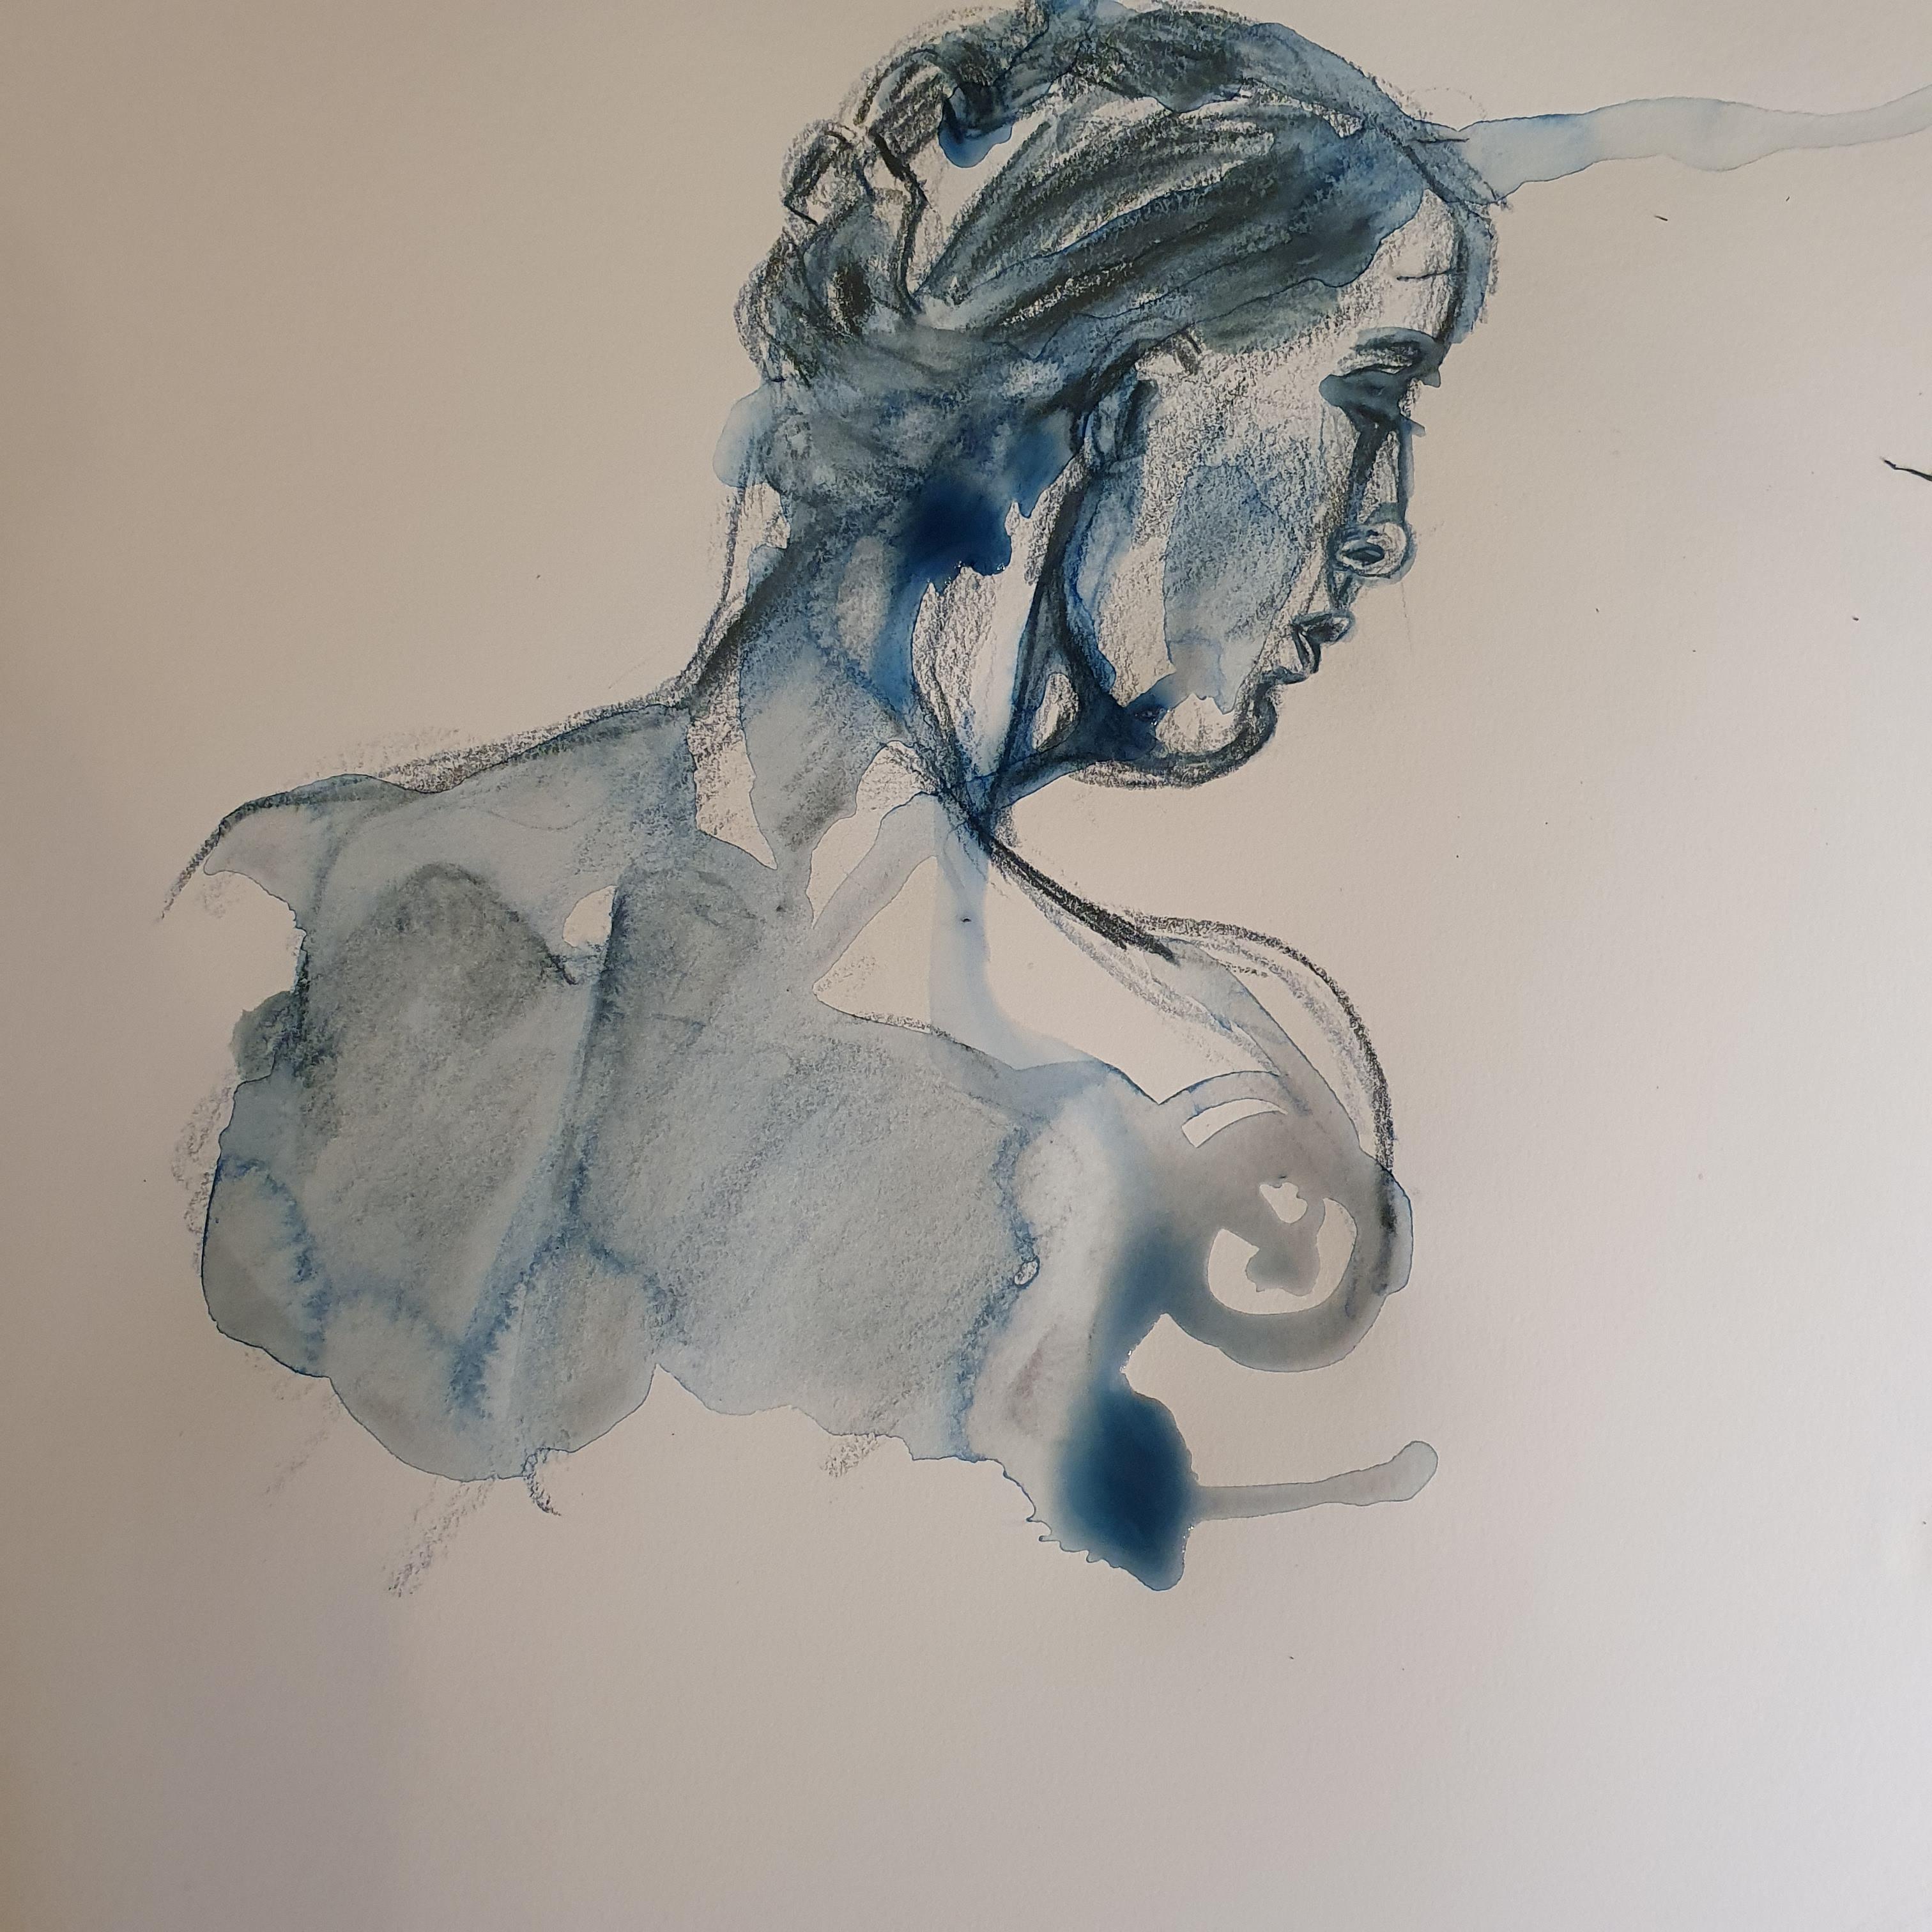 Portrait trois quarts dos fusain aquarelle technique mixte sur papier bleu  cours de dessin